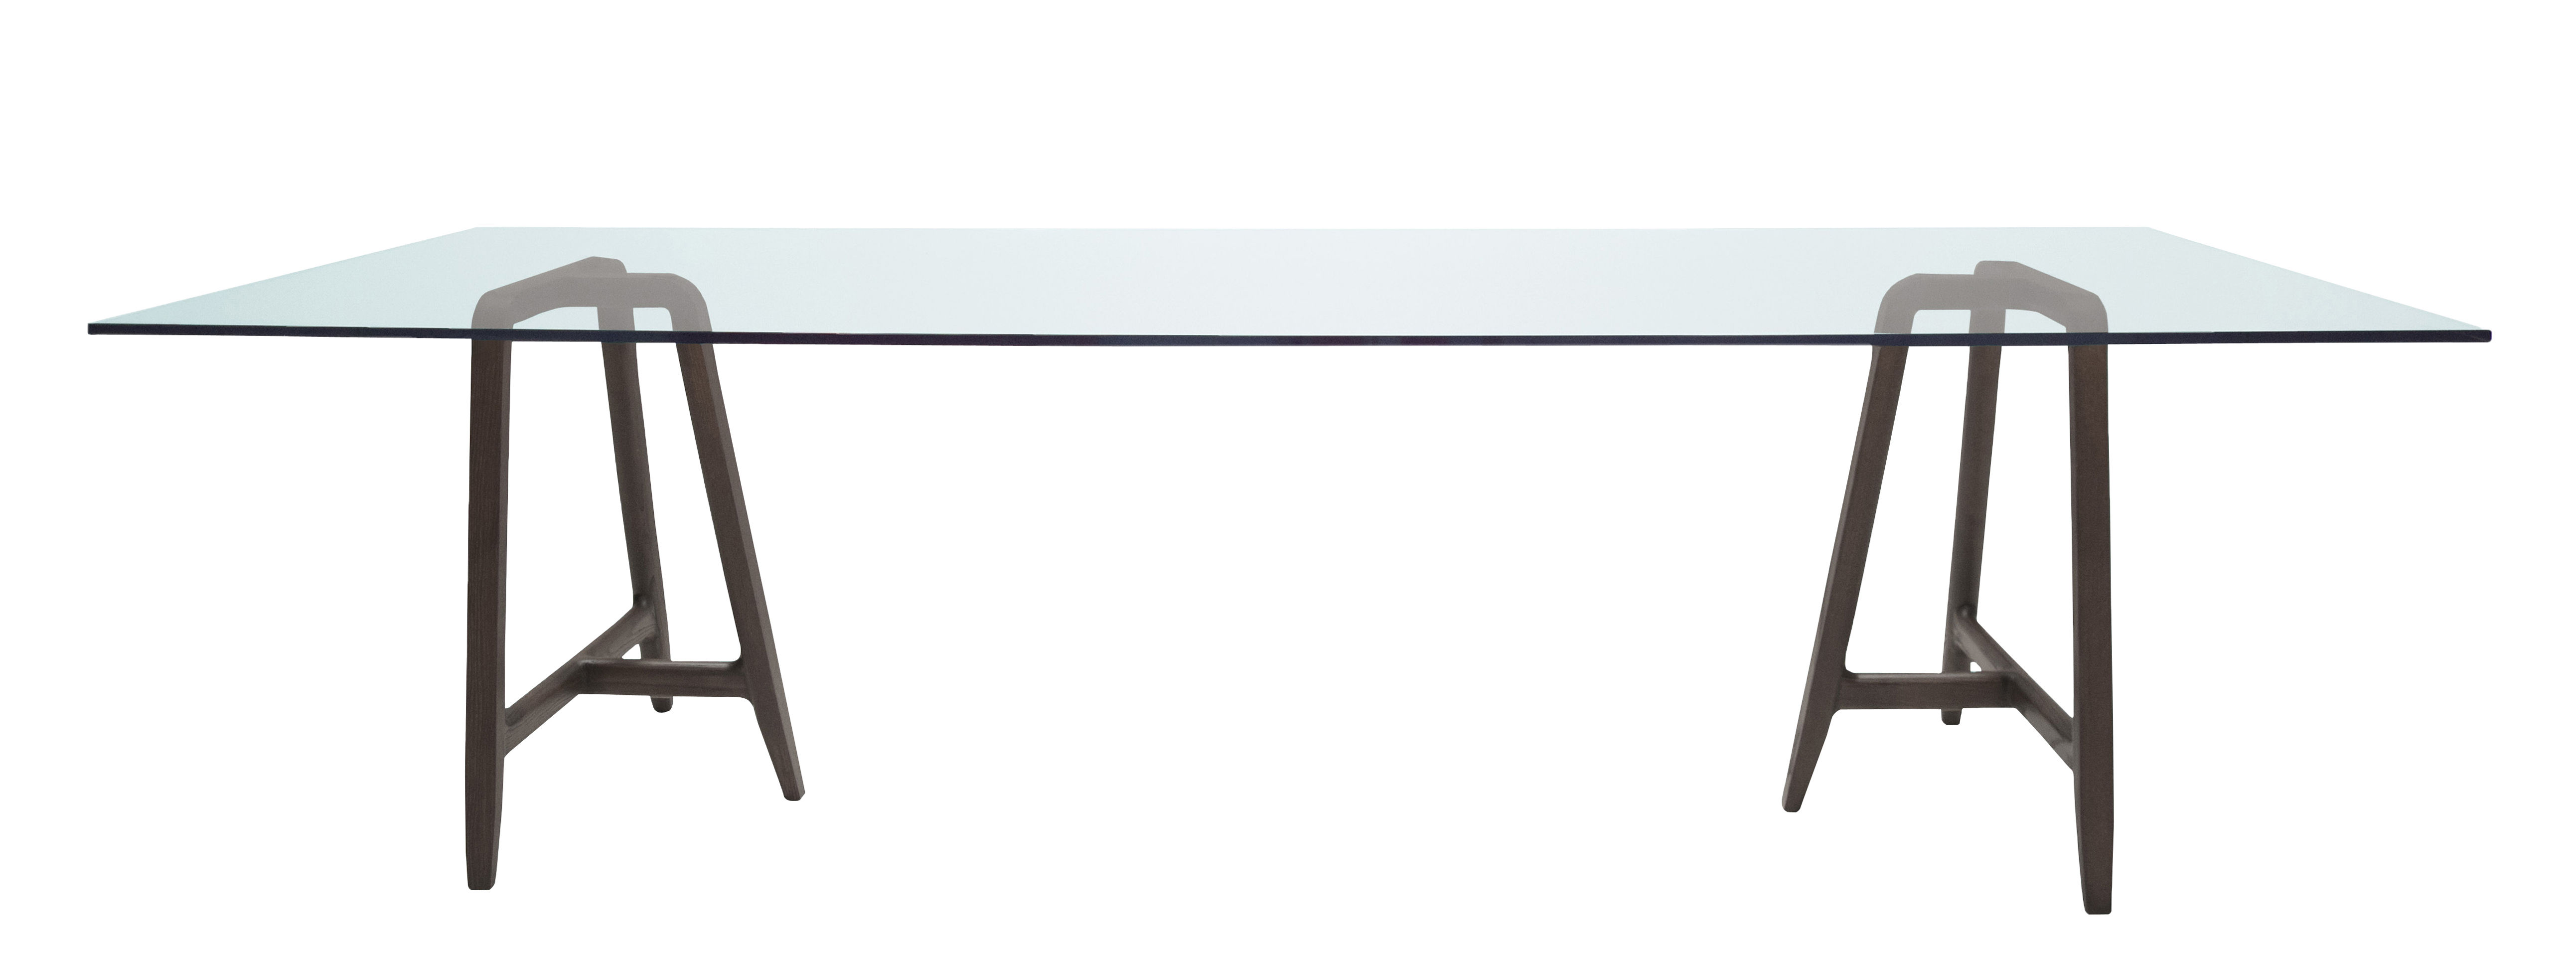 Mobilier - Tables - Table Easel / 220 x 90 cm - Plateau verre - Driade - Plateau verre / Piètement noyer - Noyer massif, Verre trempé